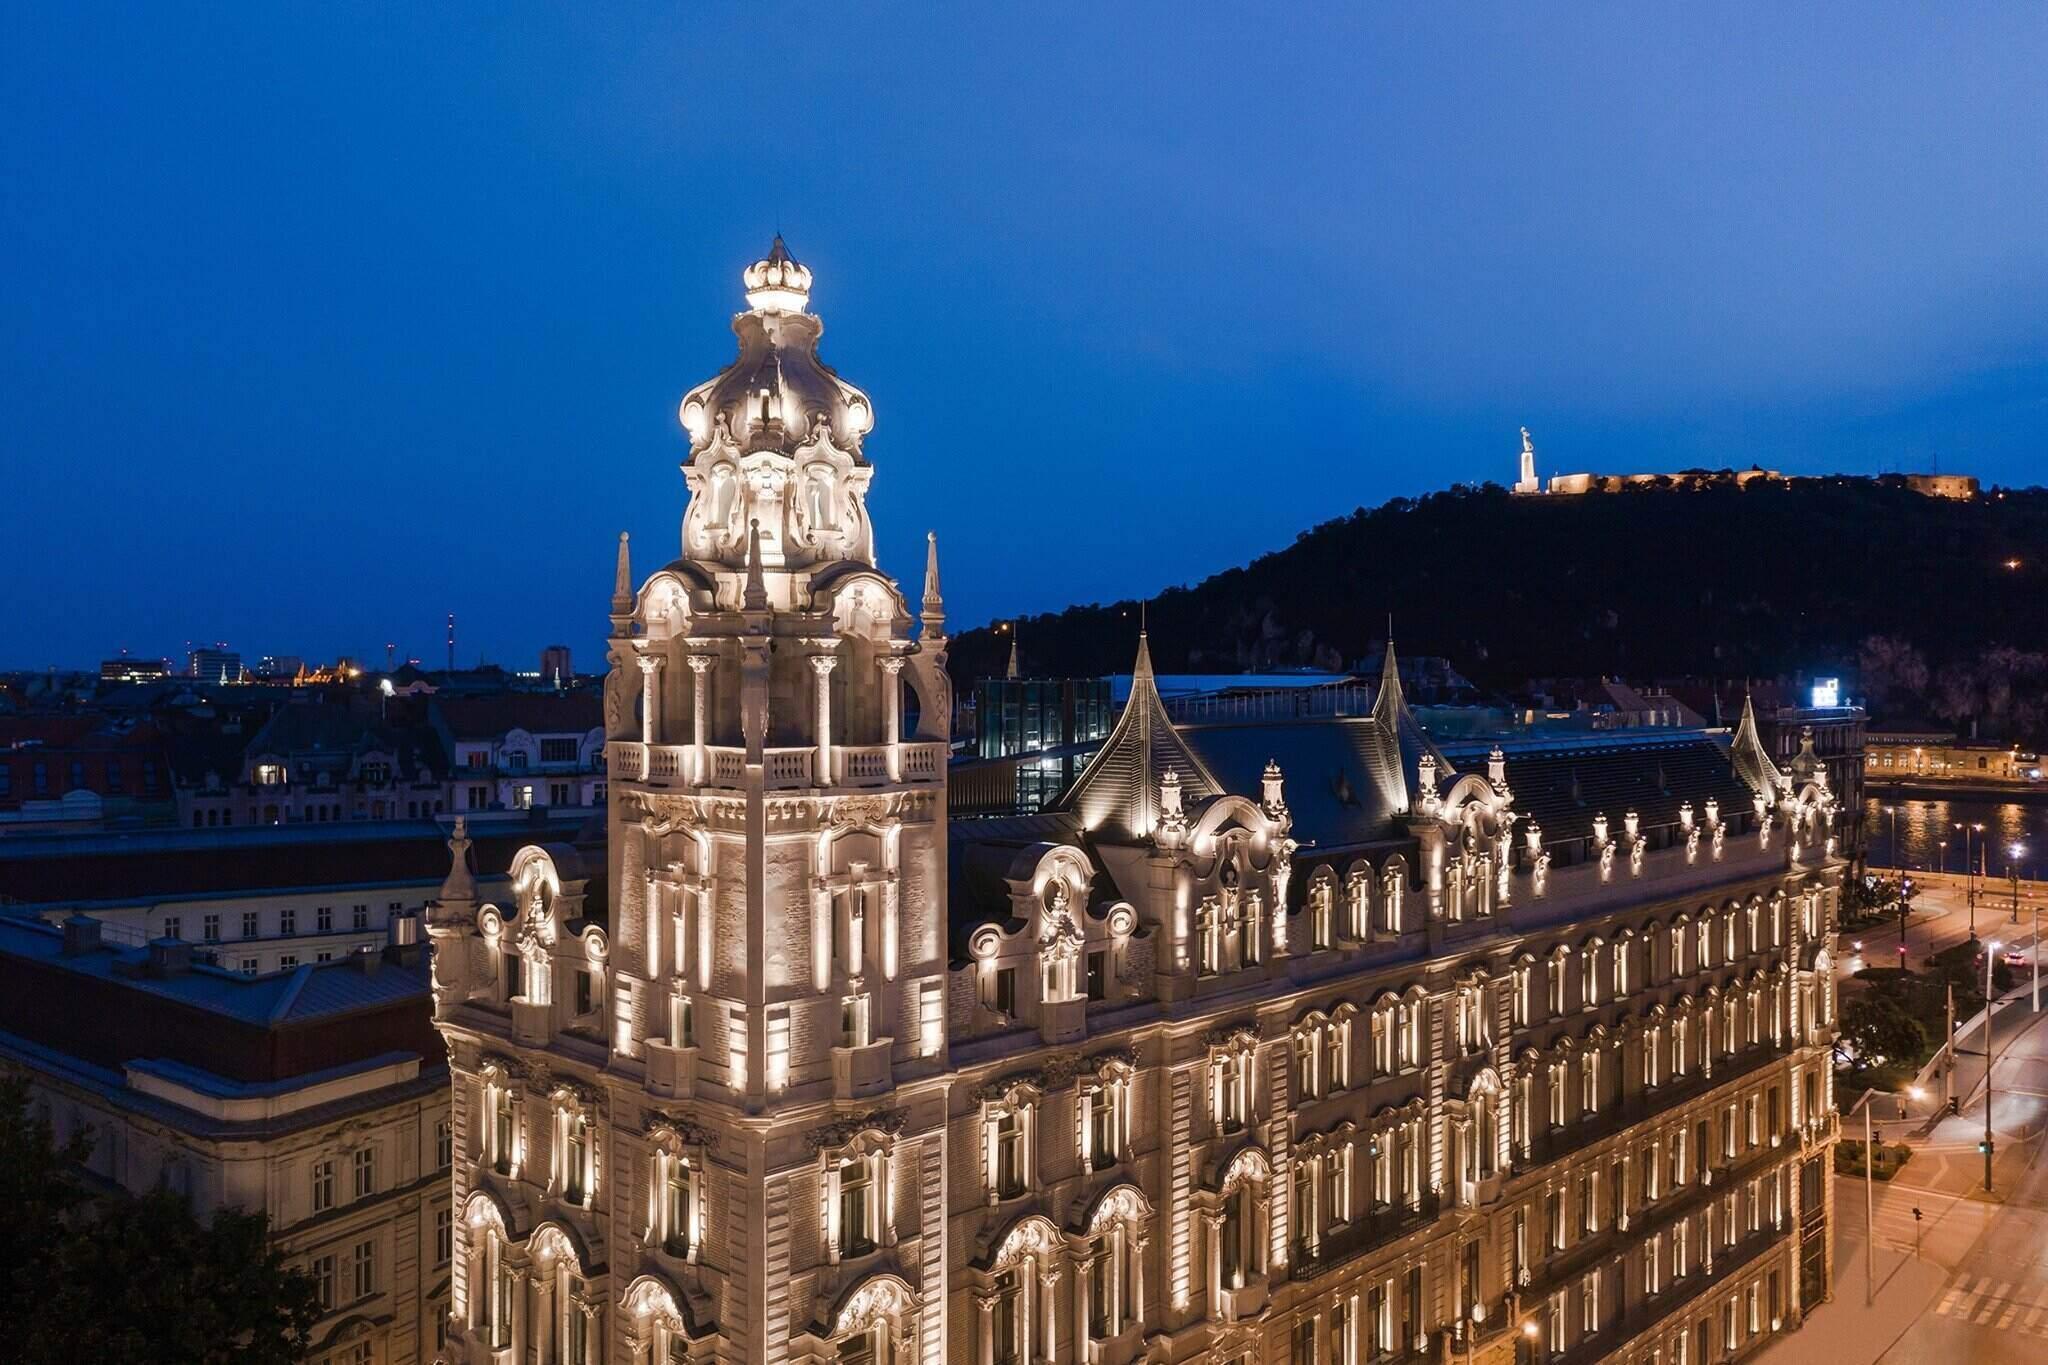 Matild Palace